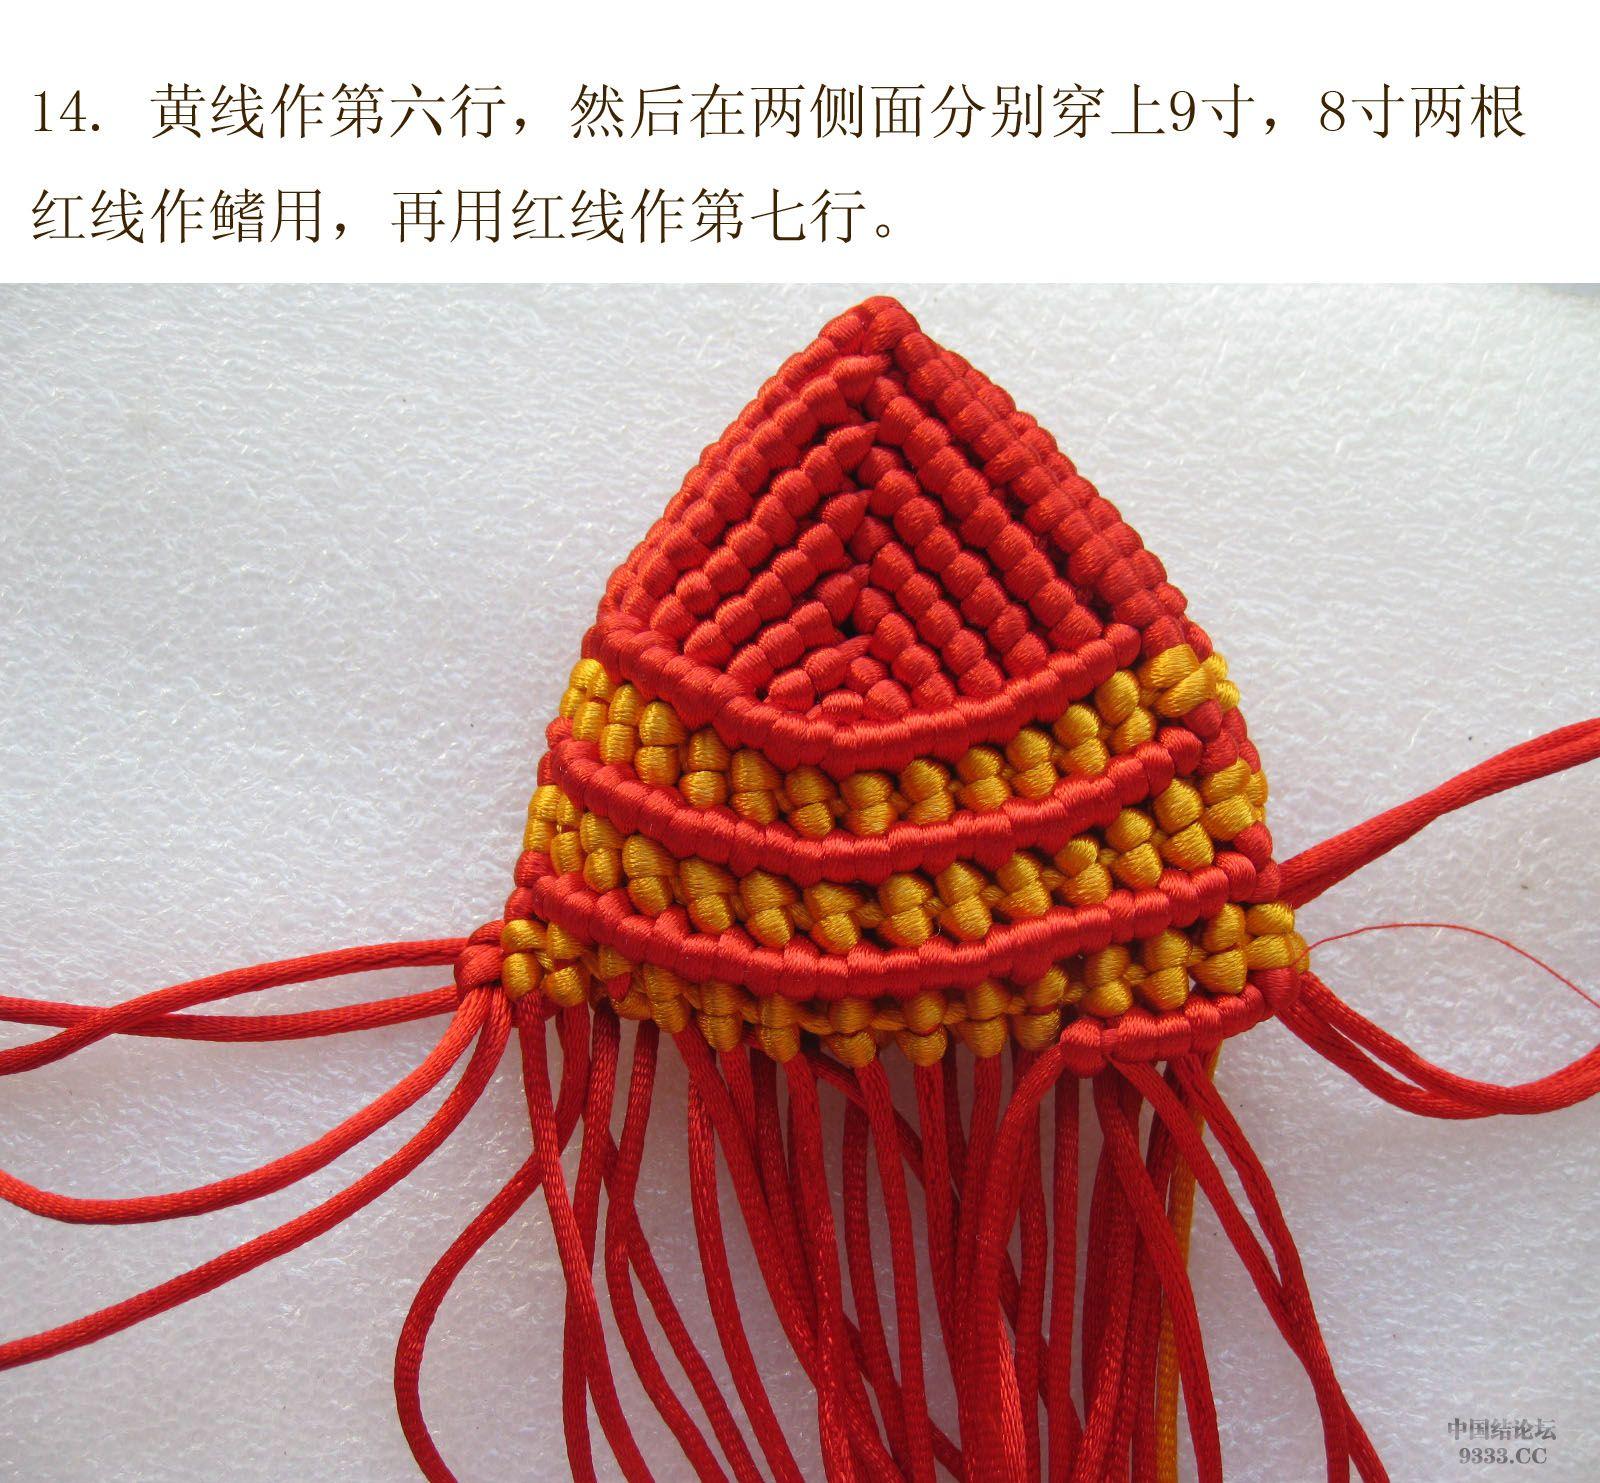 中国结论坛 我发一个鲤鱼教程  立体绳结教程与交流区 0909160714f36cbd6a44059909